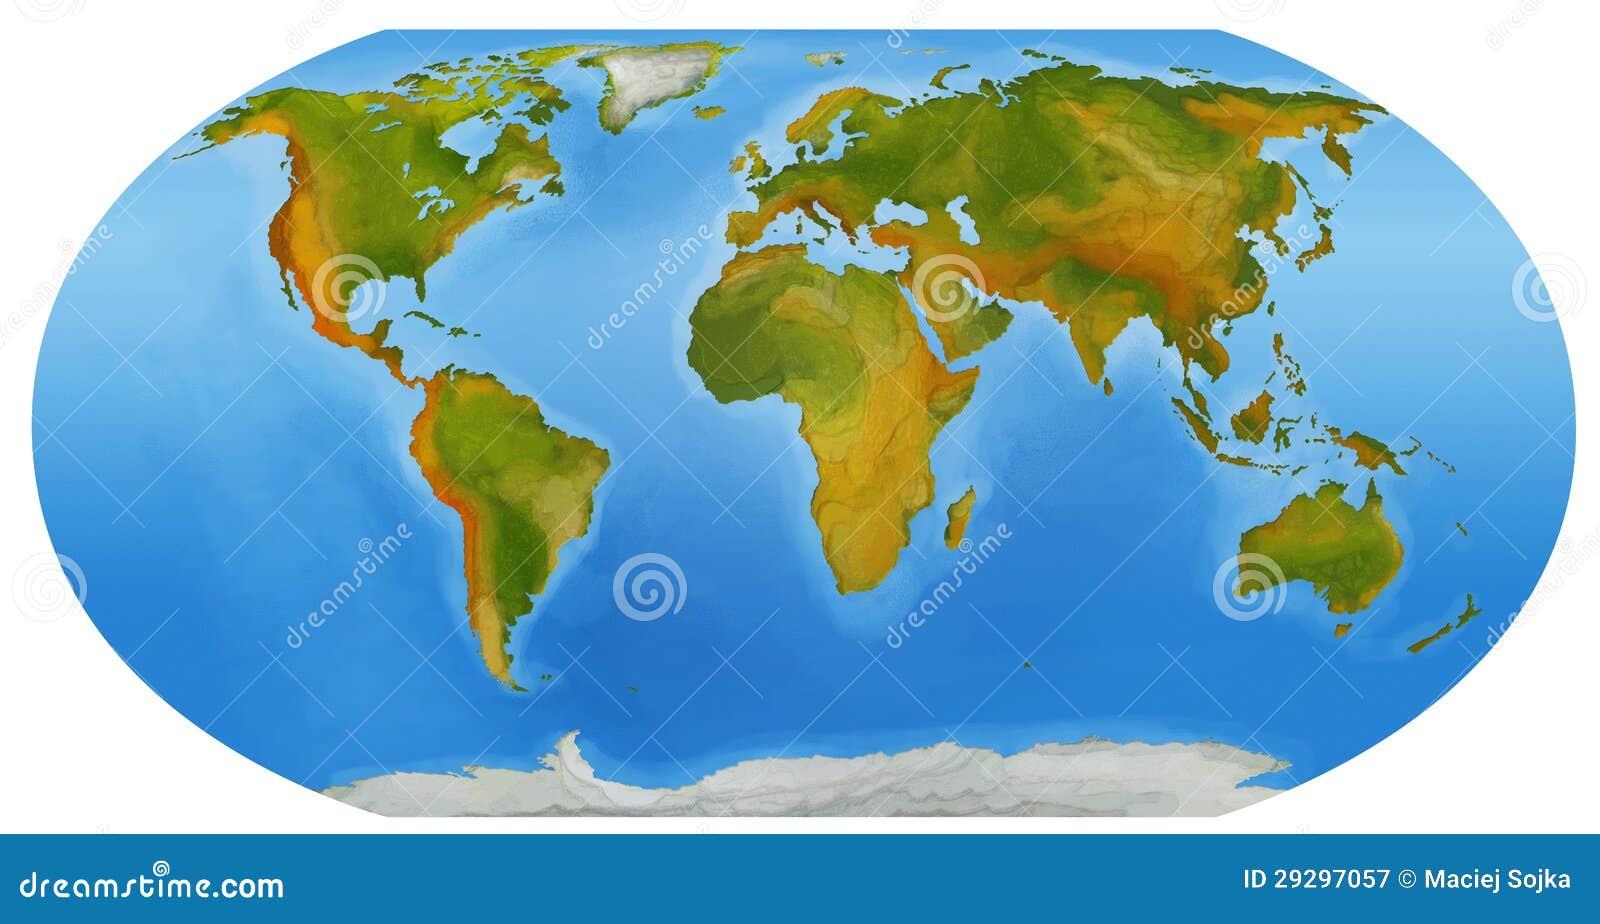 la mappa del mondo illustrazione per i bambini